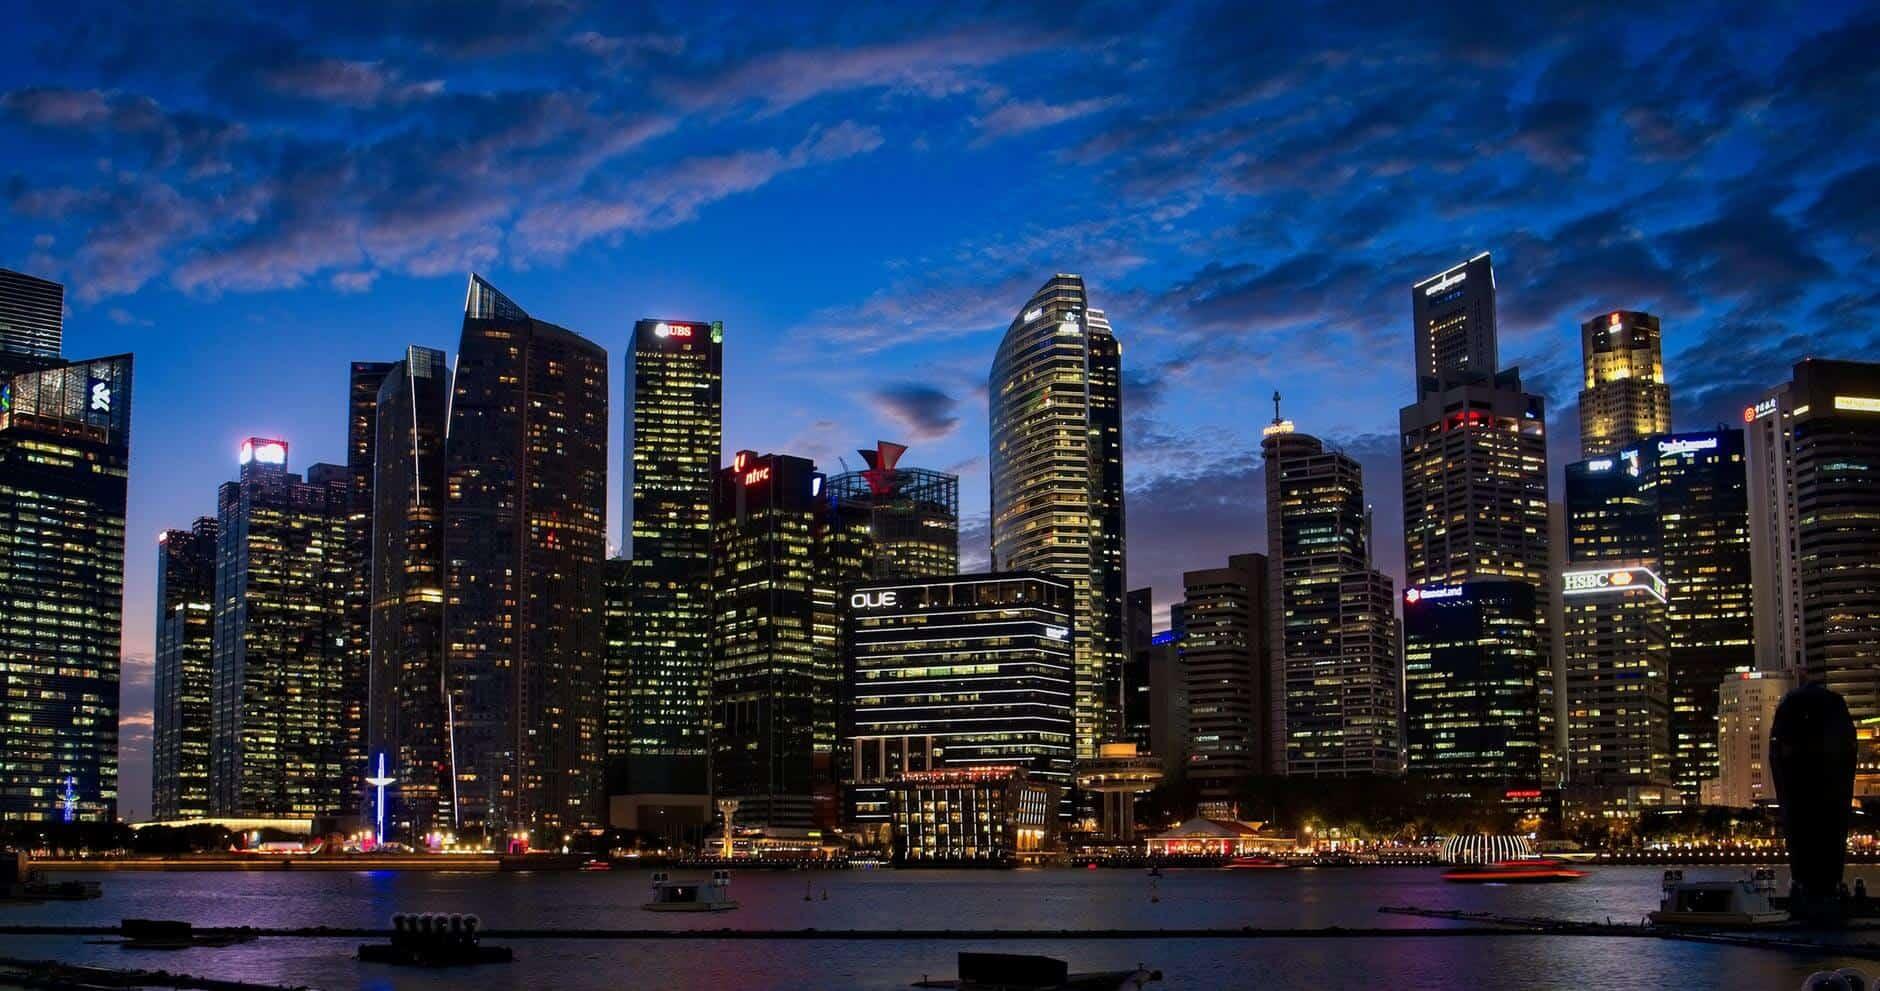 TheArchitecture in singapore